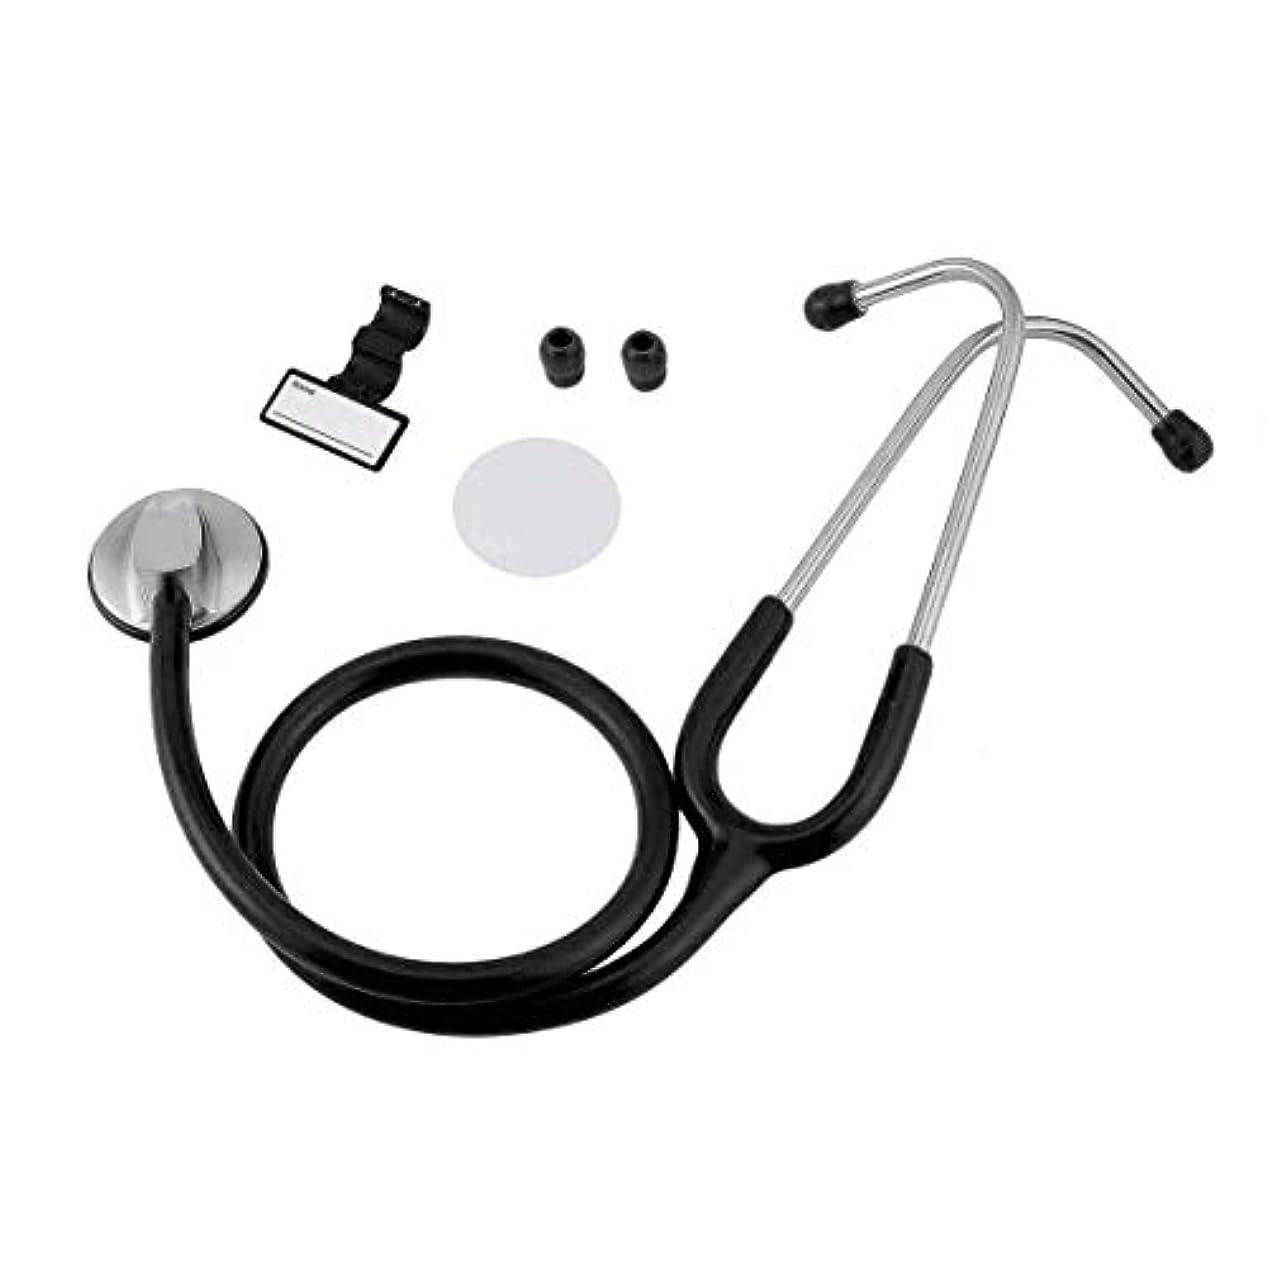 観察する判読できない意志に反するintercorey聴診器ポータブルフラットヘッド聴診器医療聴診器用具救助妊娠赤ちゃん聴診器医師医療ヘルスケア